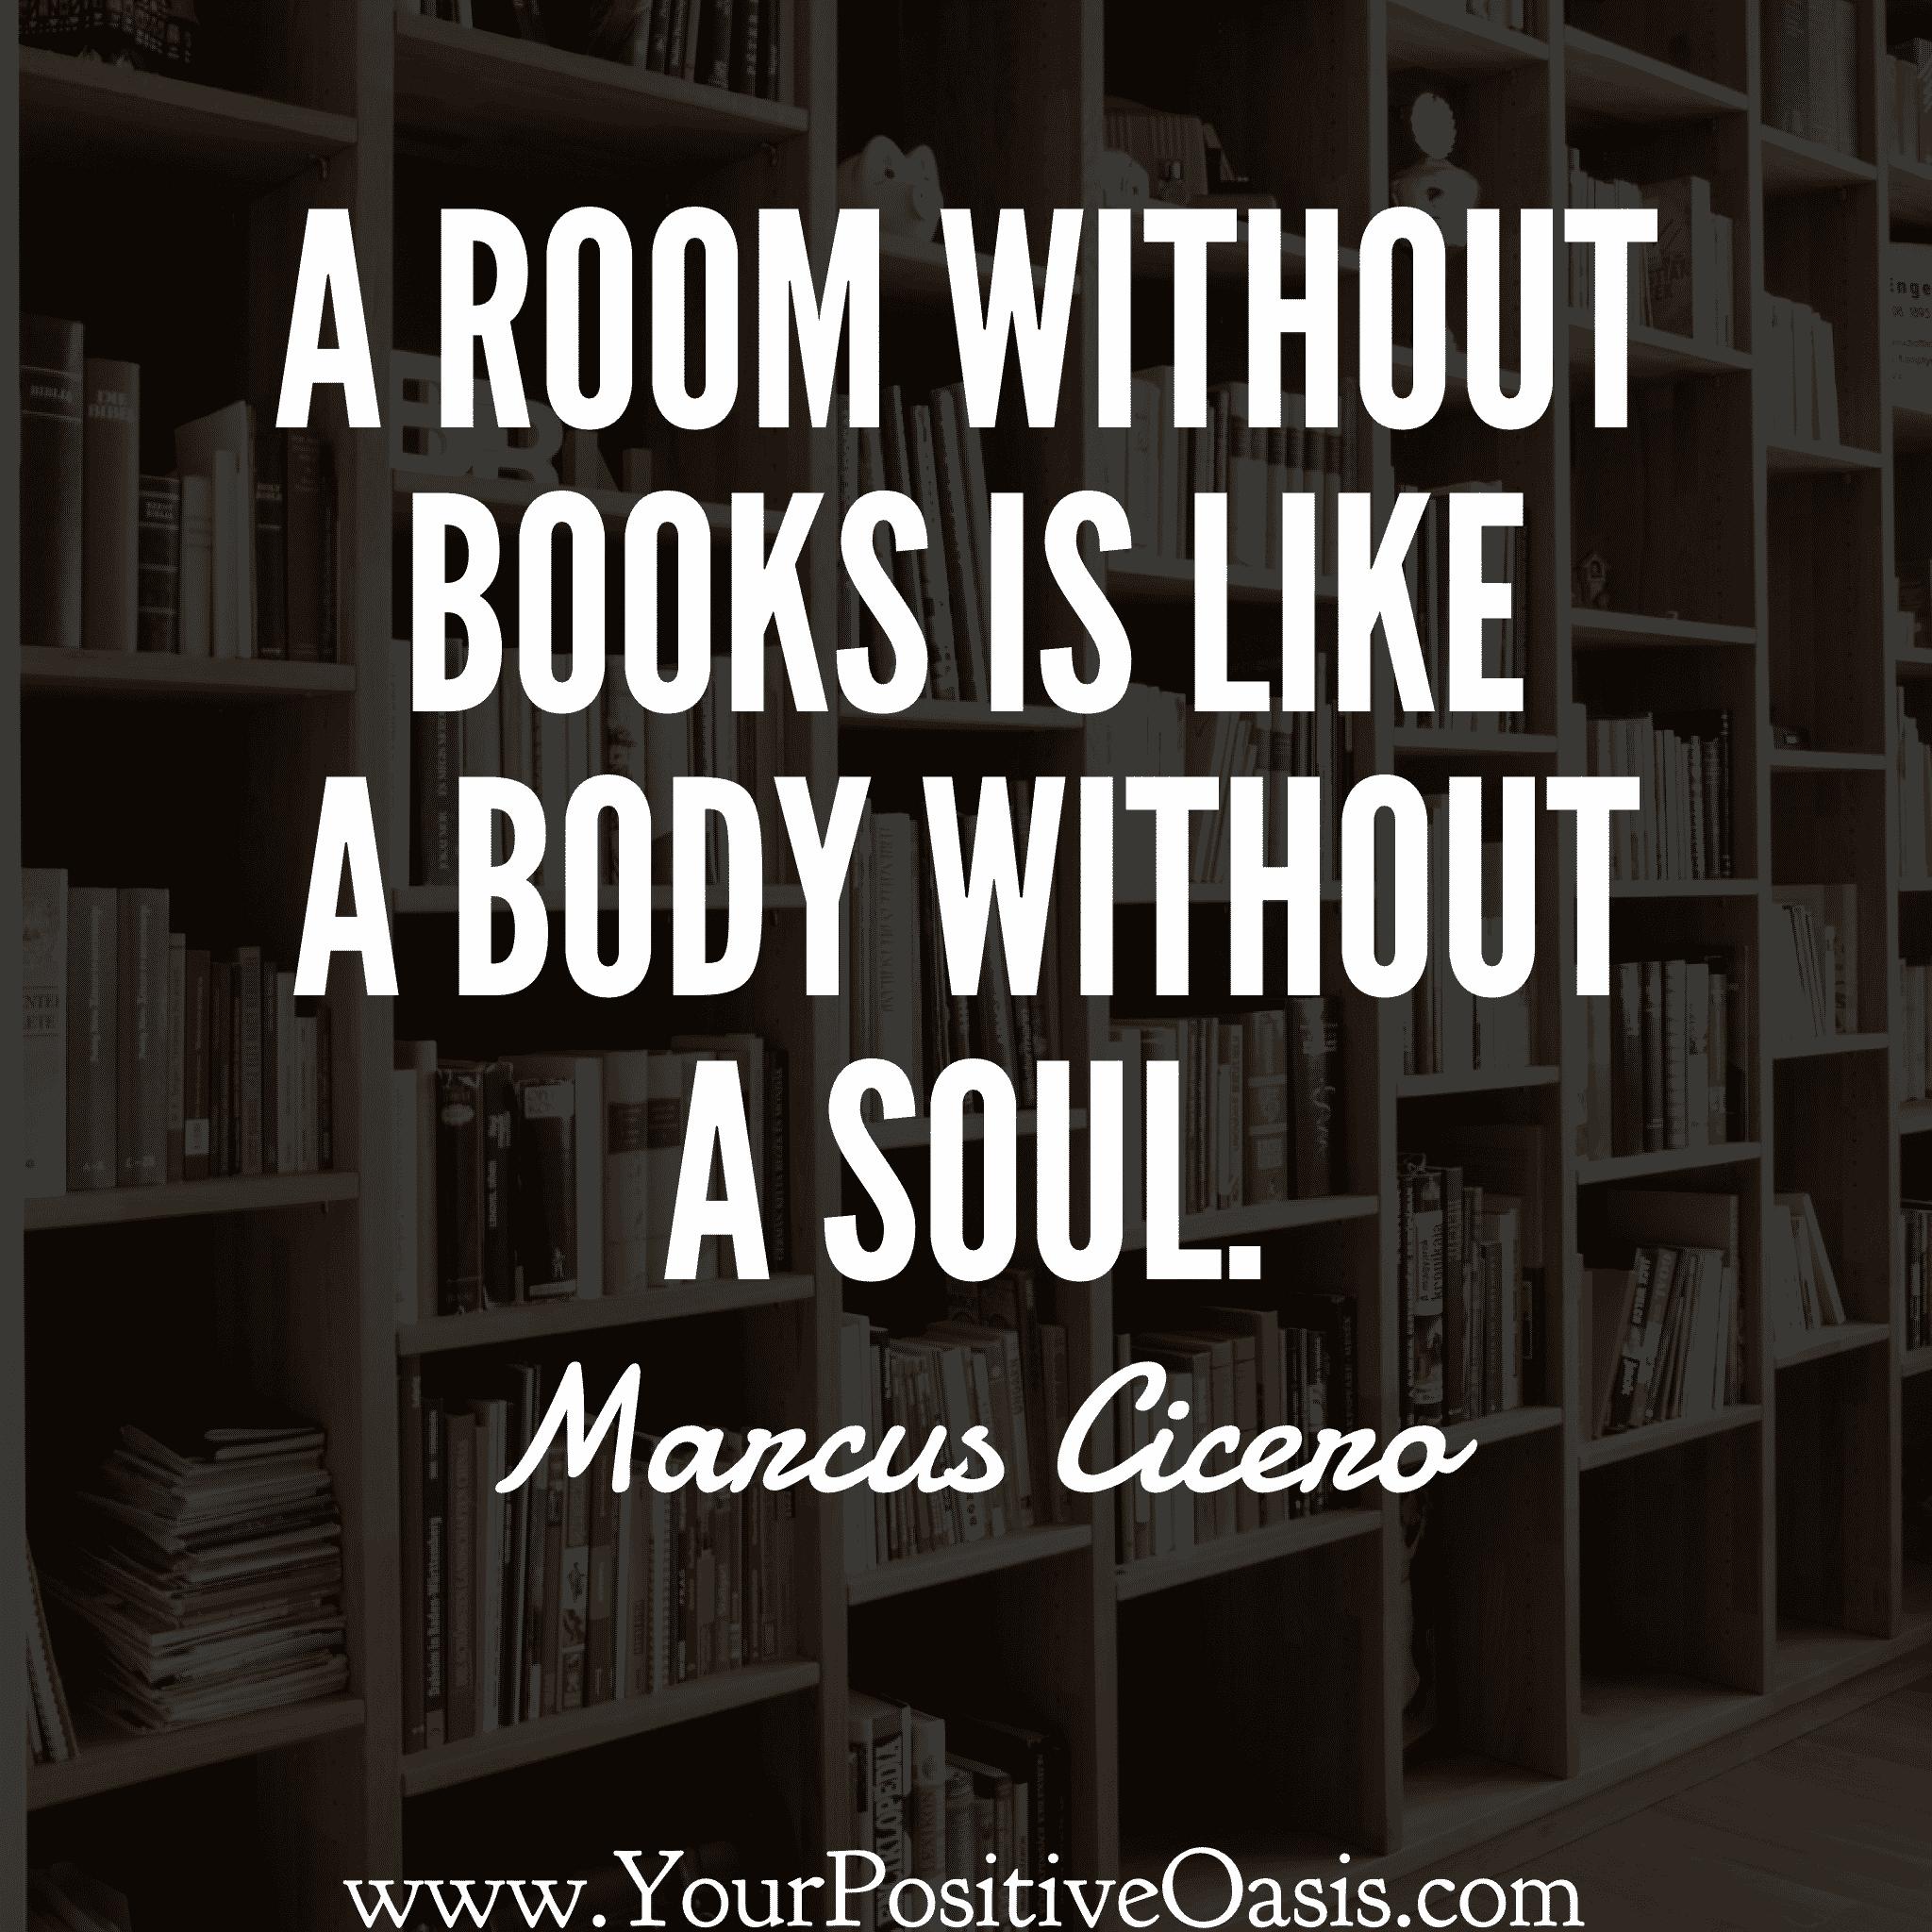 25 Marcus Tullius Cicero Quotes